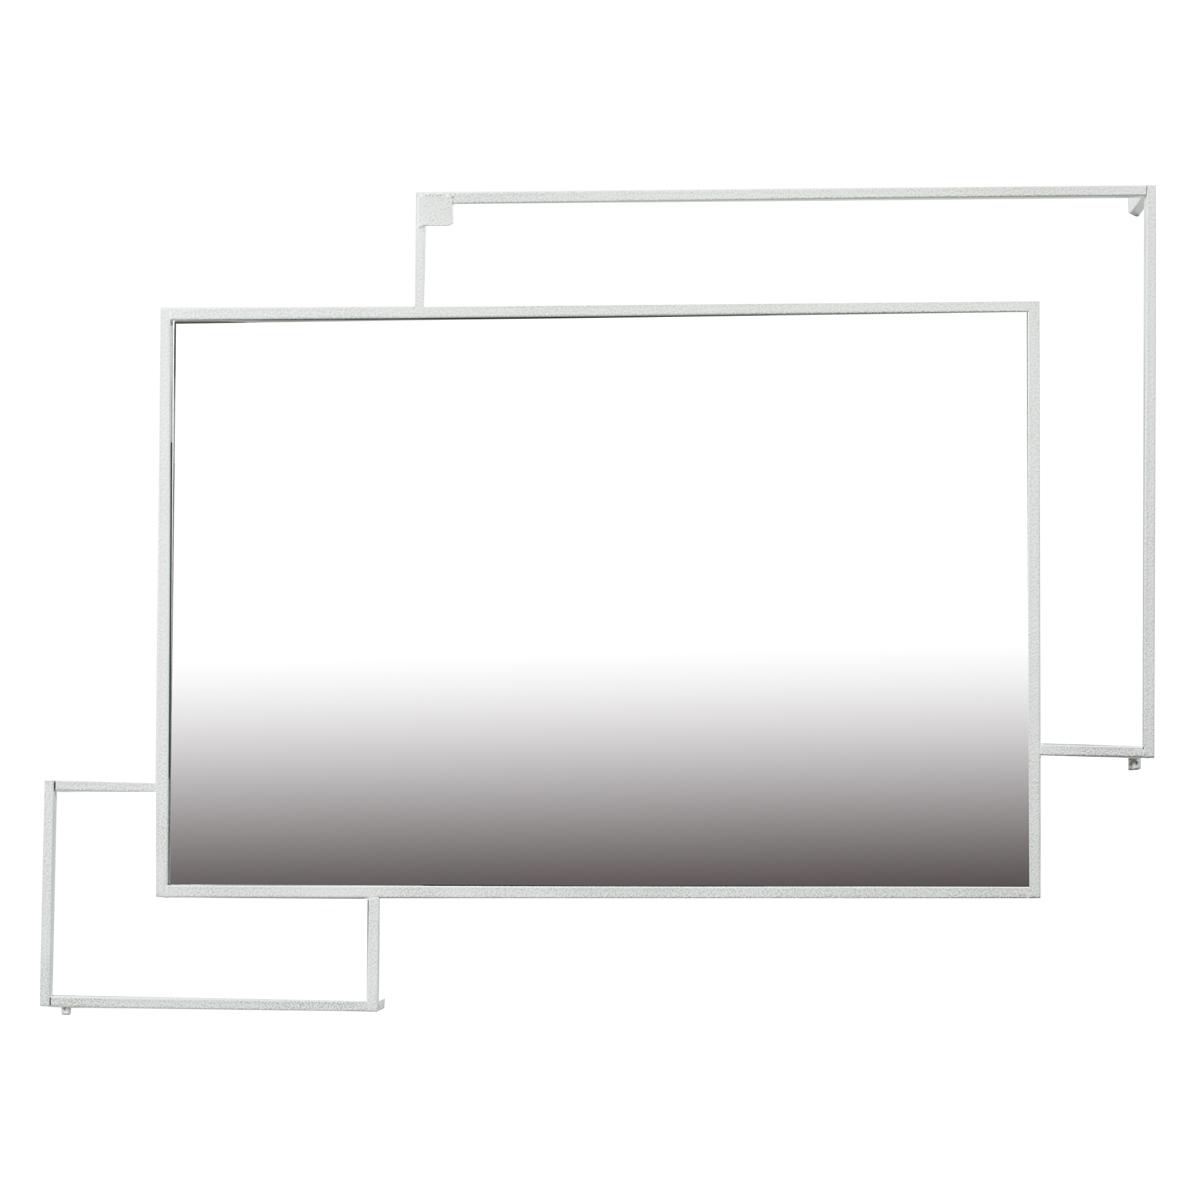 ウォールミラー ミラー かがみ ミラー 鏡 フレームミラー 壁掛け鏡 壁面ミラー 壁掛けミラー メイクミラー 玄関ミラー アイアン アンティーク調 可愛い かわいい 日本製 おしゃれ 壁掛け 壁付け 北欧 割れない鏡 フィルムミラー リフェクスミラー